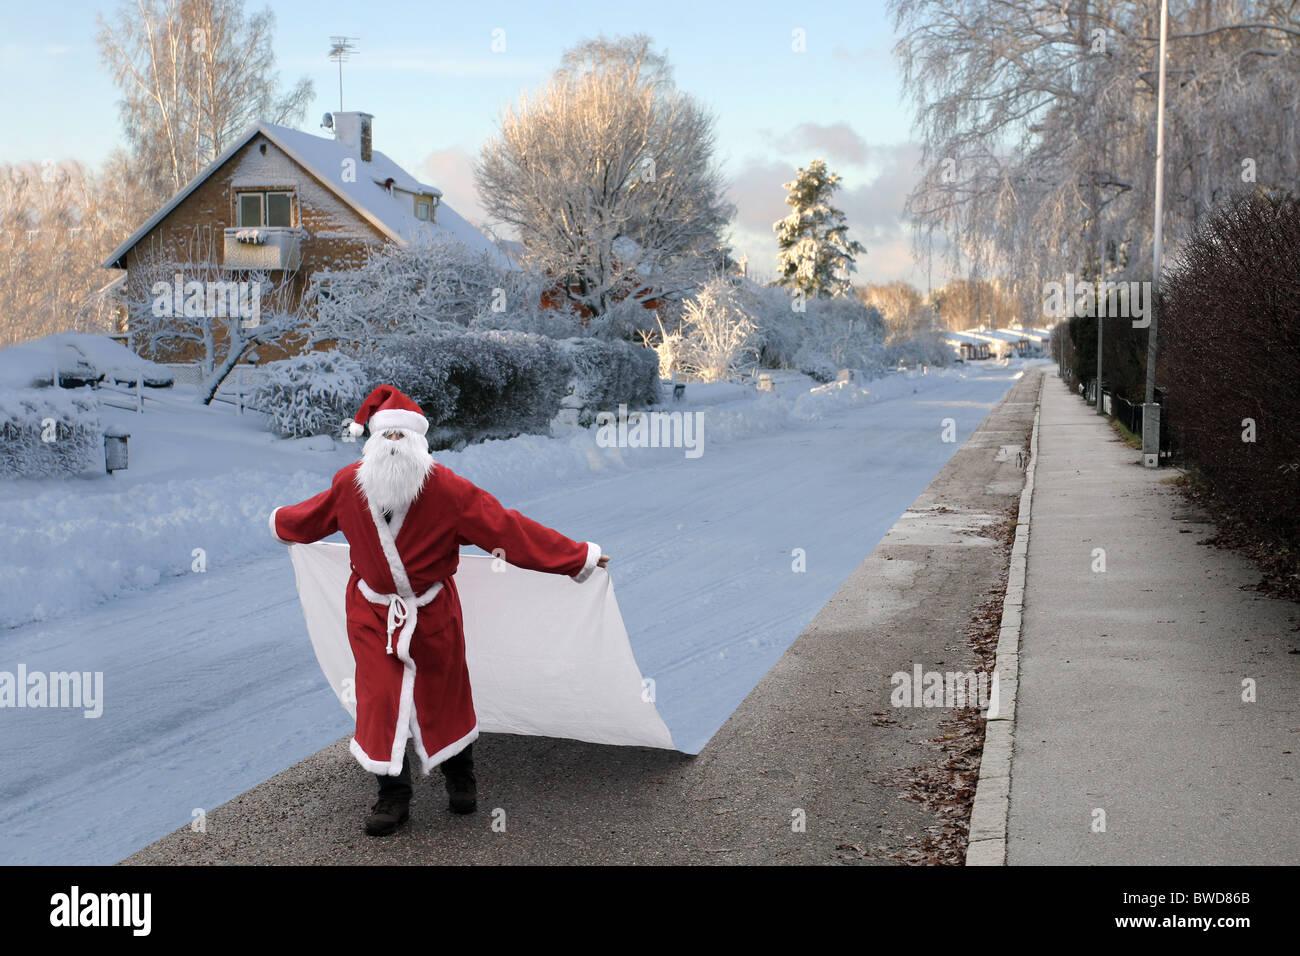 Santa Claus ändern der Saisons Winter durch ein Blatt von Schnee auf dem Boden zu legen. Stockbild